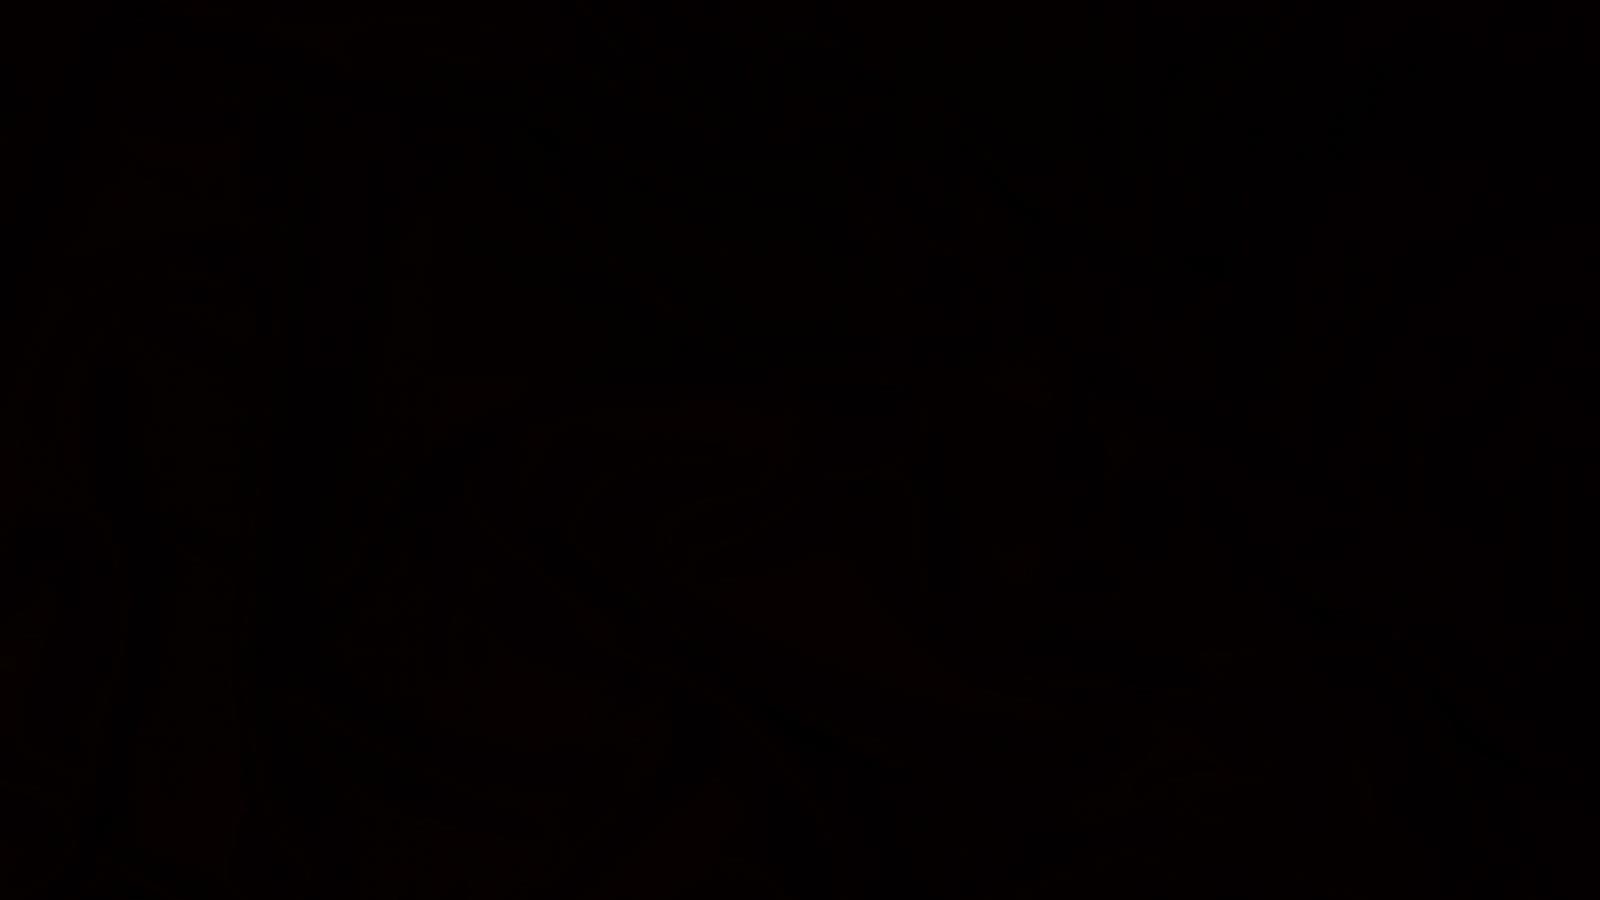 plain background images black | adsleaf